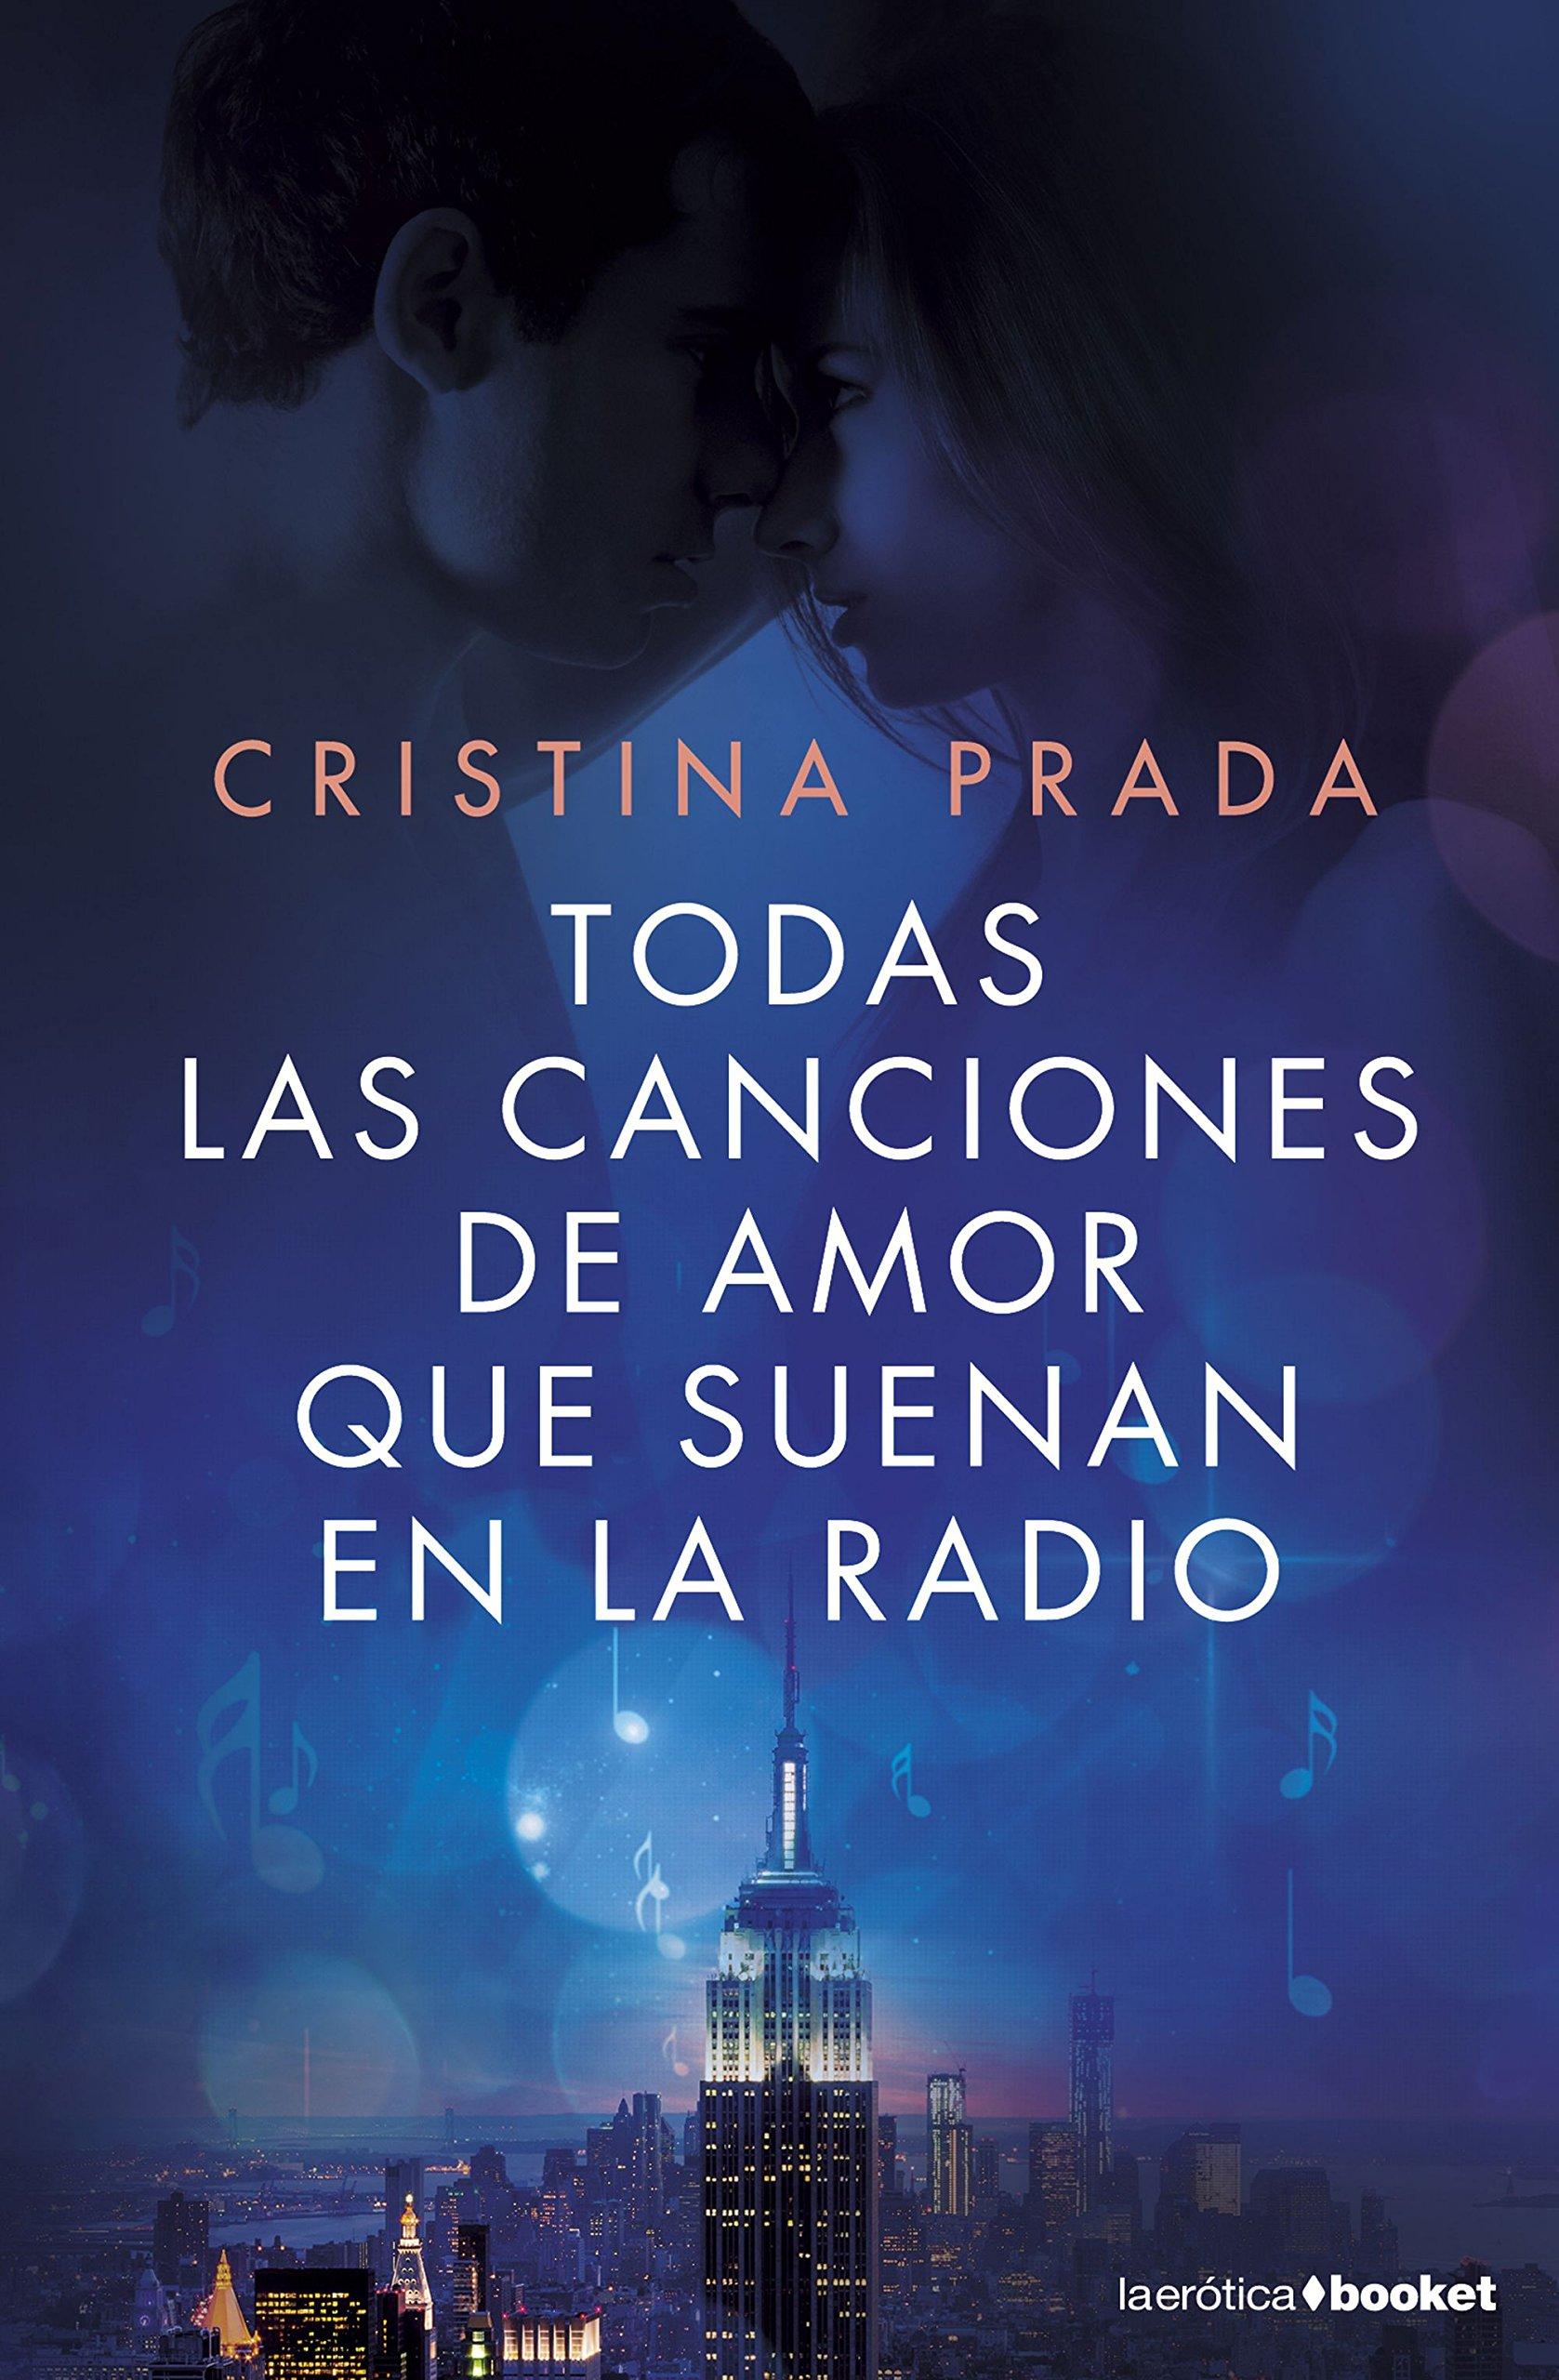 Todas las canciones de amor que suenan en la radio: Cristina Prada: 9788408161677: Amazon.com: Books